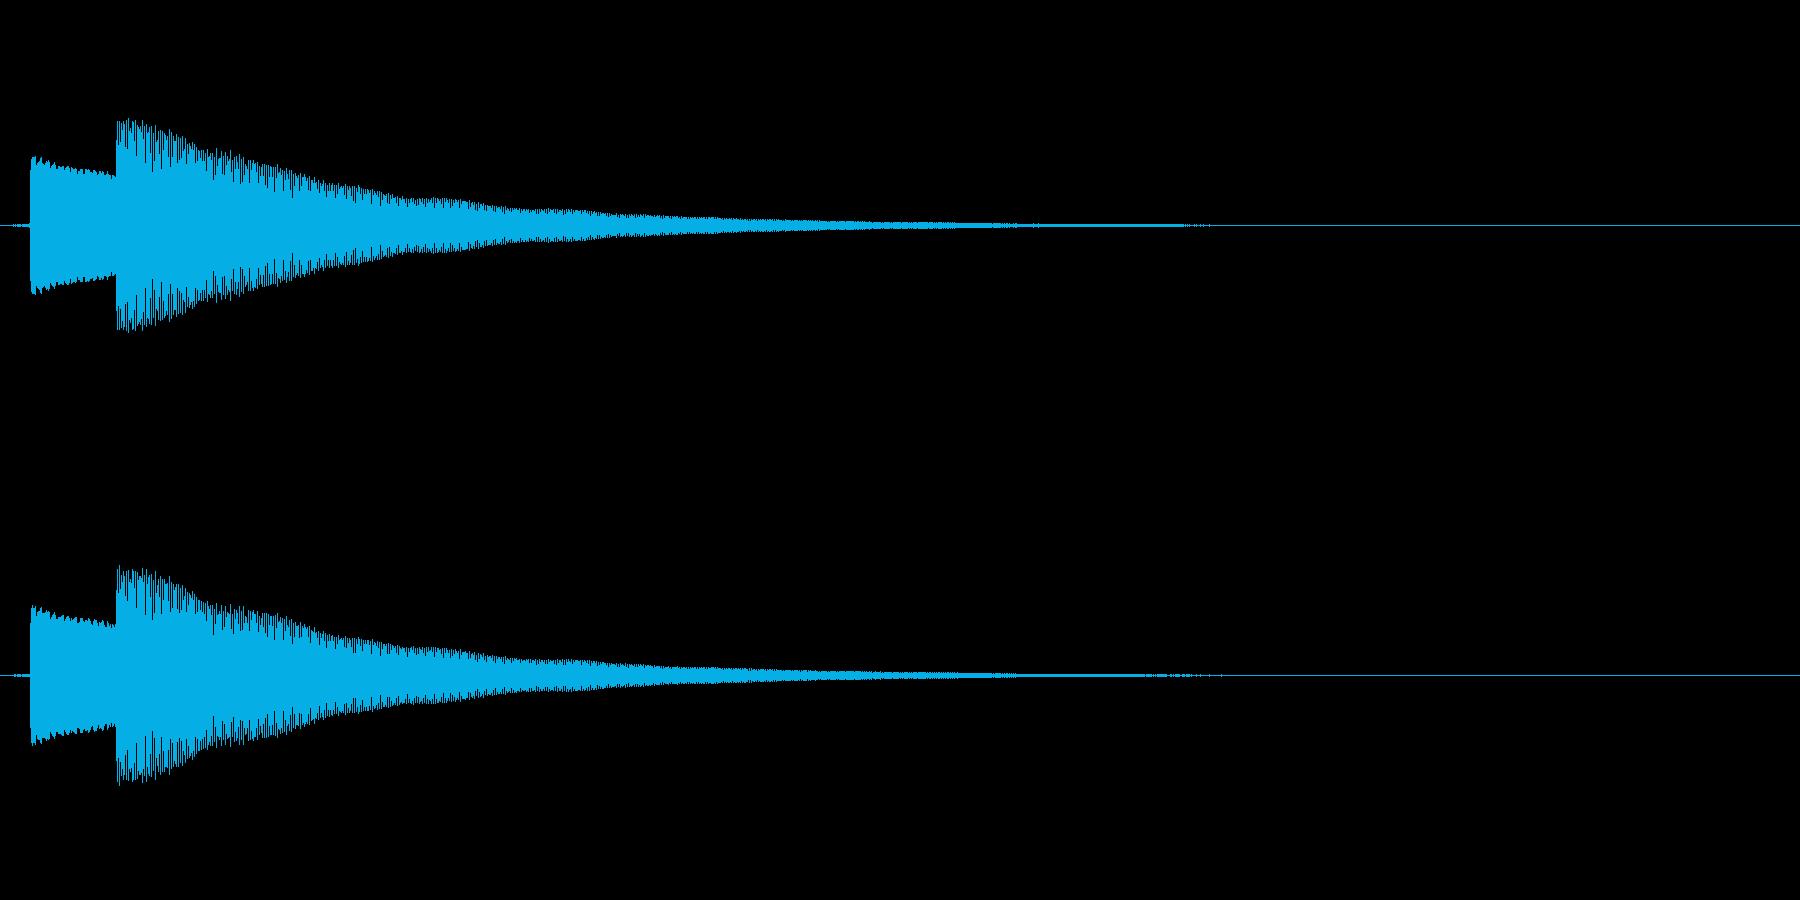 【キラーン2】キラリと一瞬何かが光るの再生済みの波形